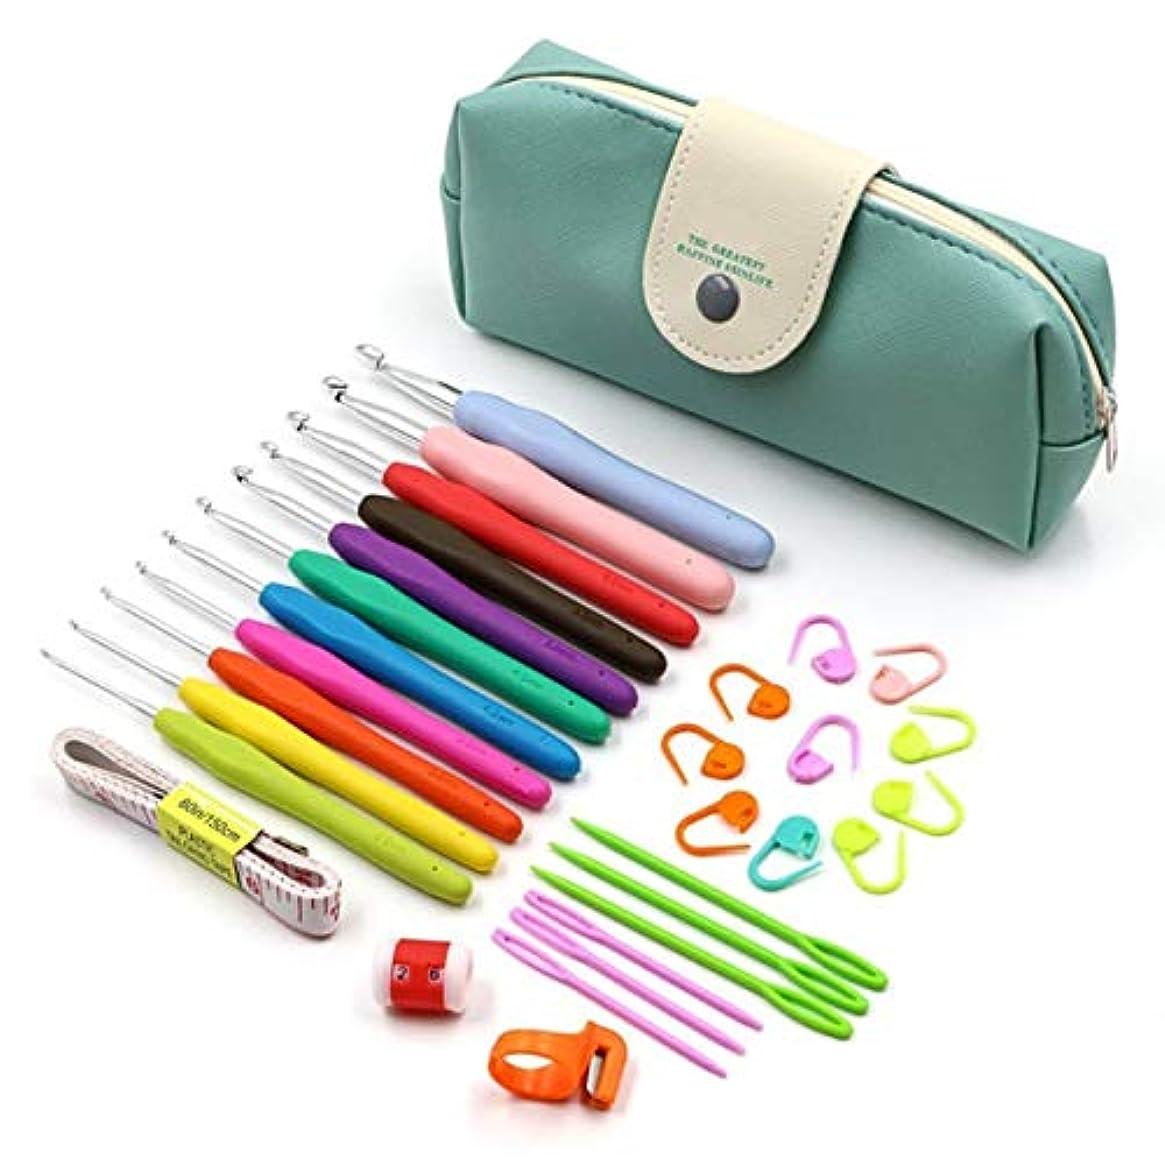 エンティティ消費する資格情報Saikogoods ソフトハンドル 収納袋付きアルミかぎ針編みのフックキット 糸編み物針 裁縫ツール 人間工学に基づいたグリップセット 多色